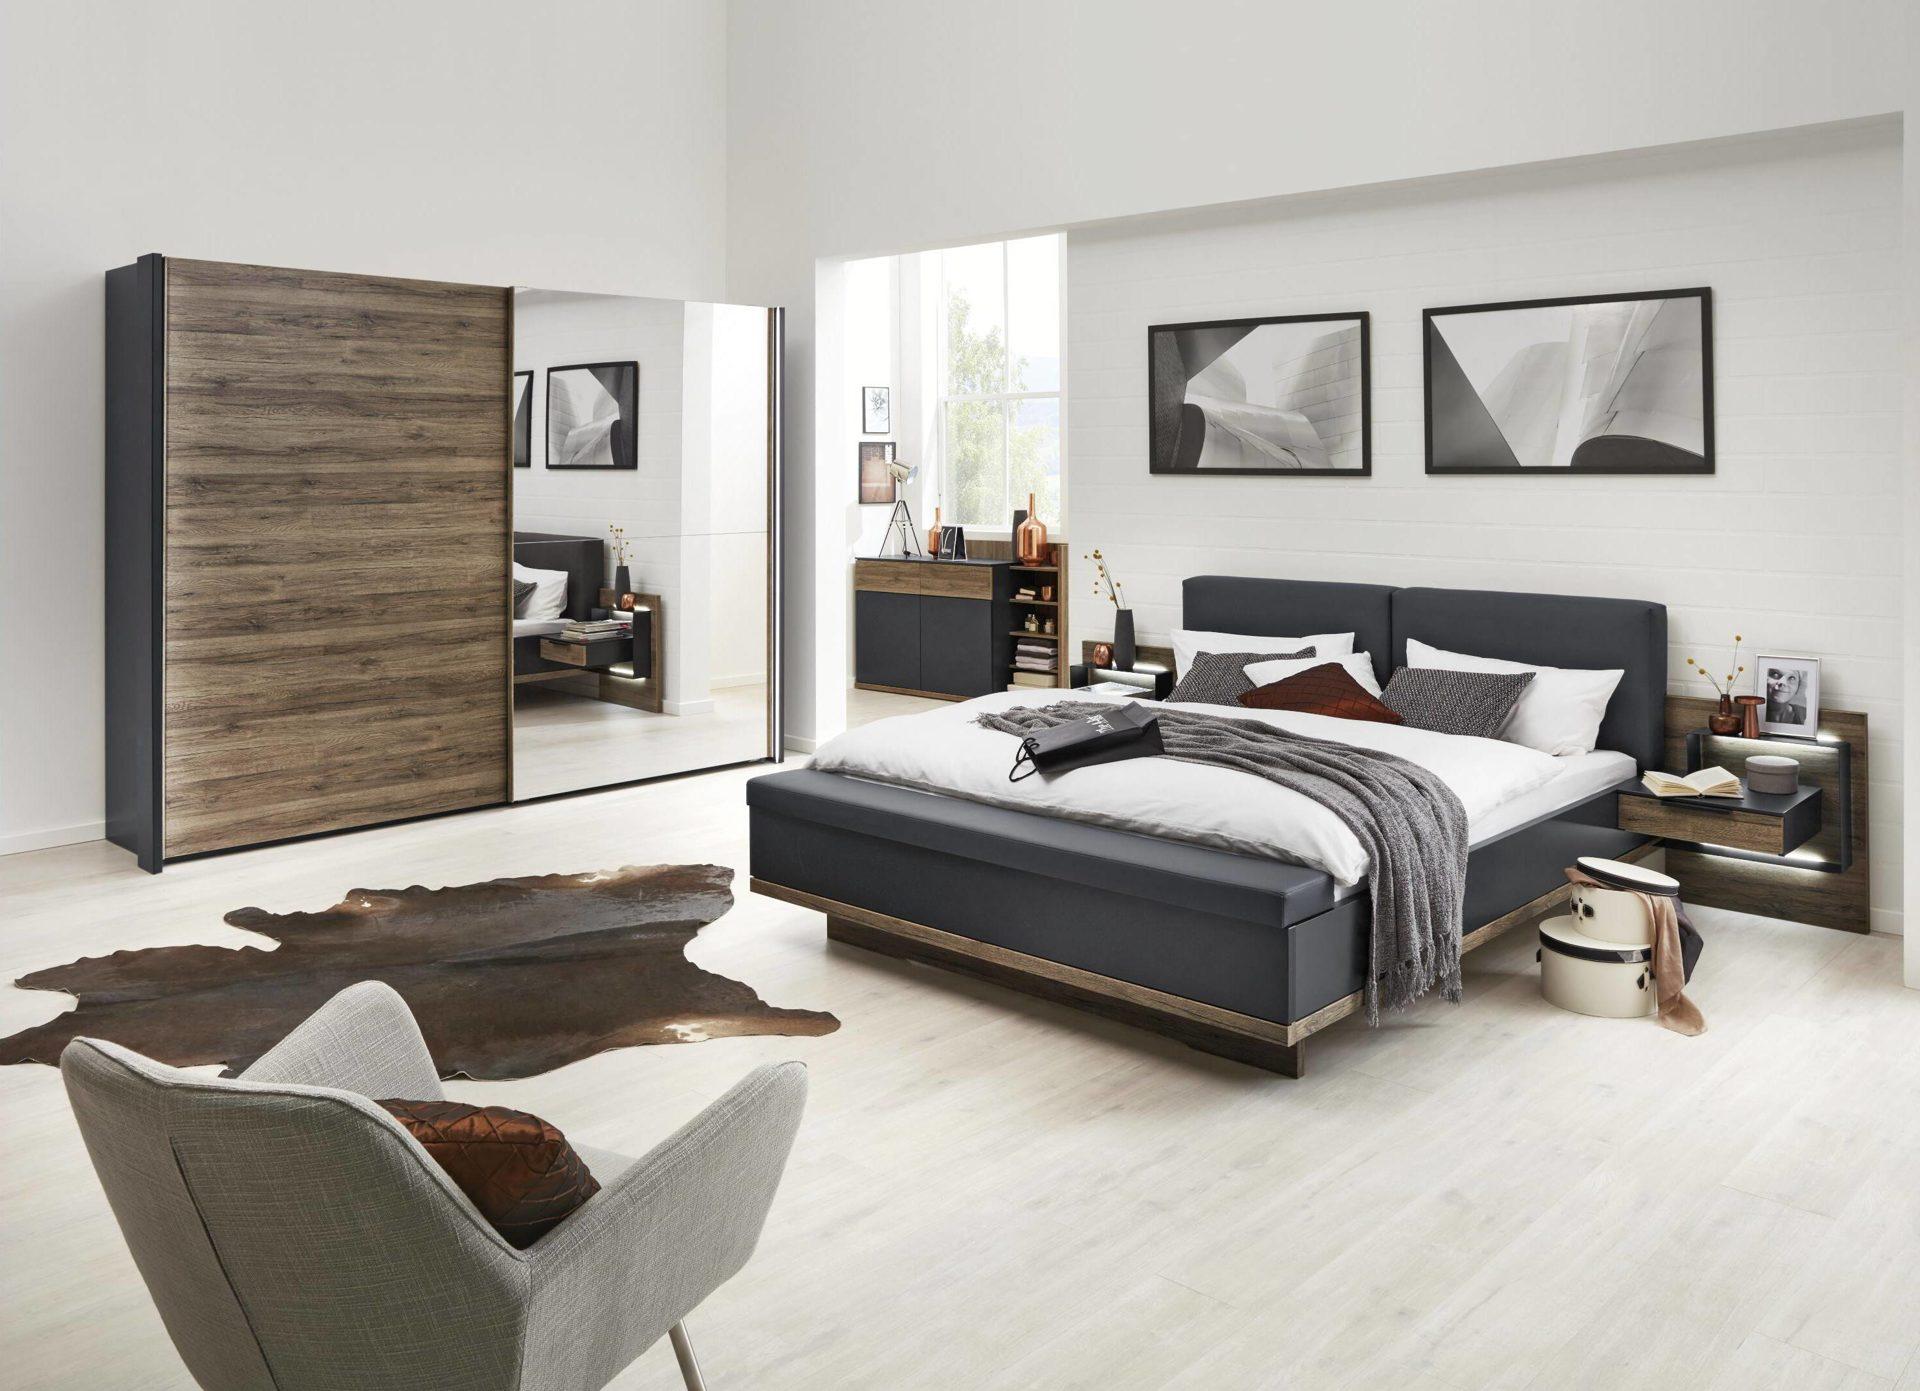 Interliving Schlafzimmer Serie 1007 – Schlafzimmerkombination, dunkle  Sanremo eichefarbene & mattschwarze Kunststoffoberfläch